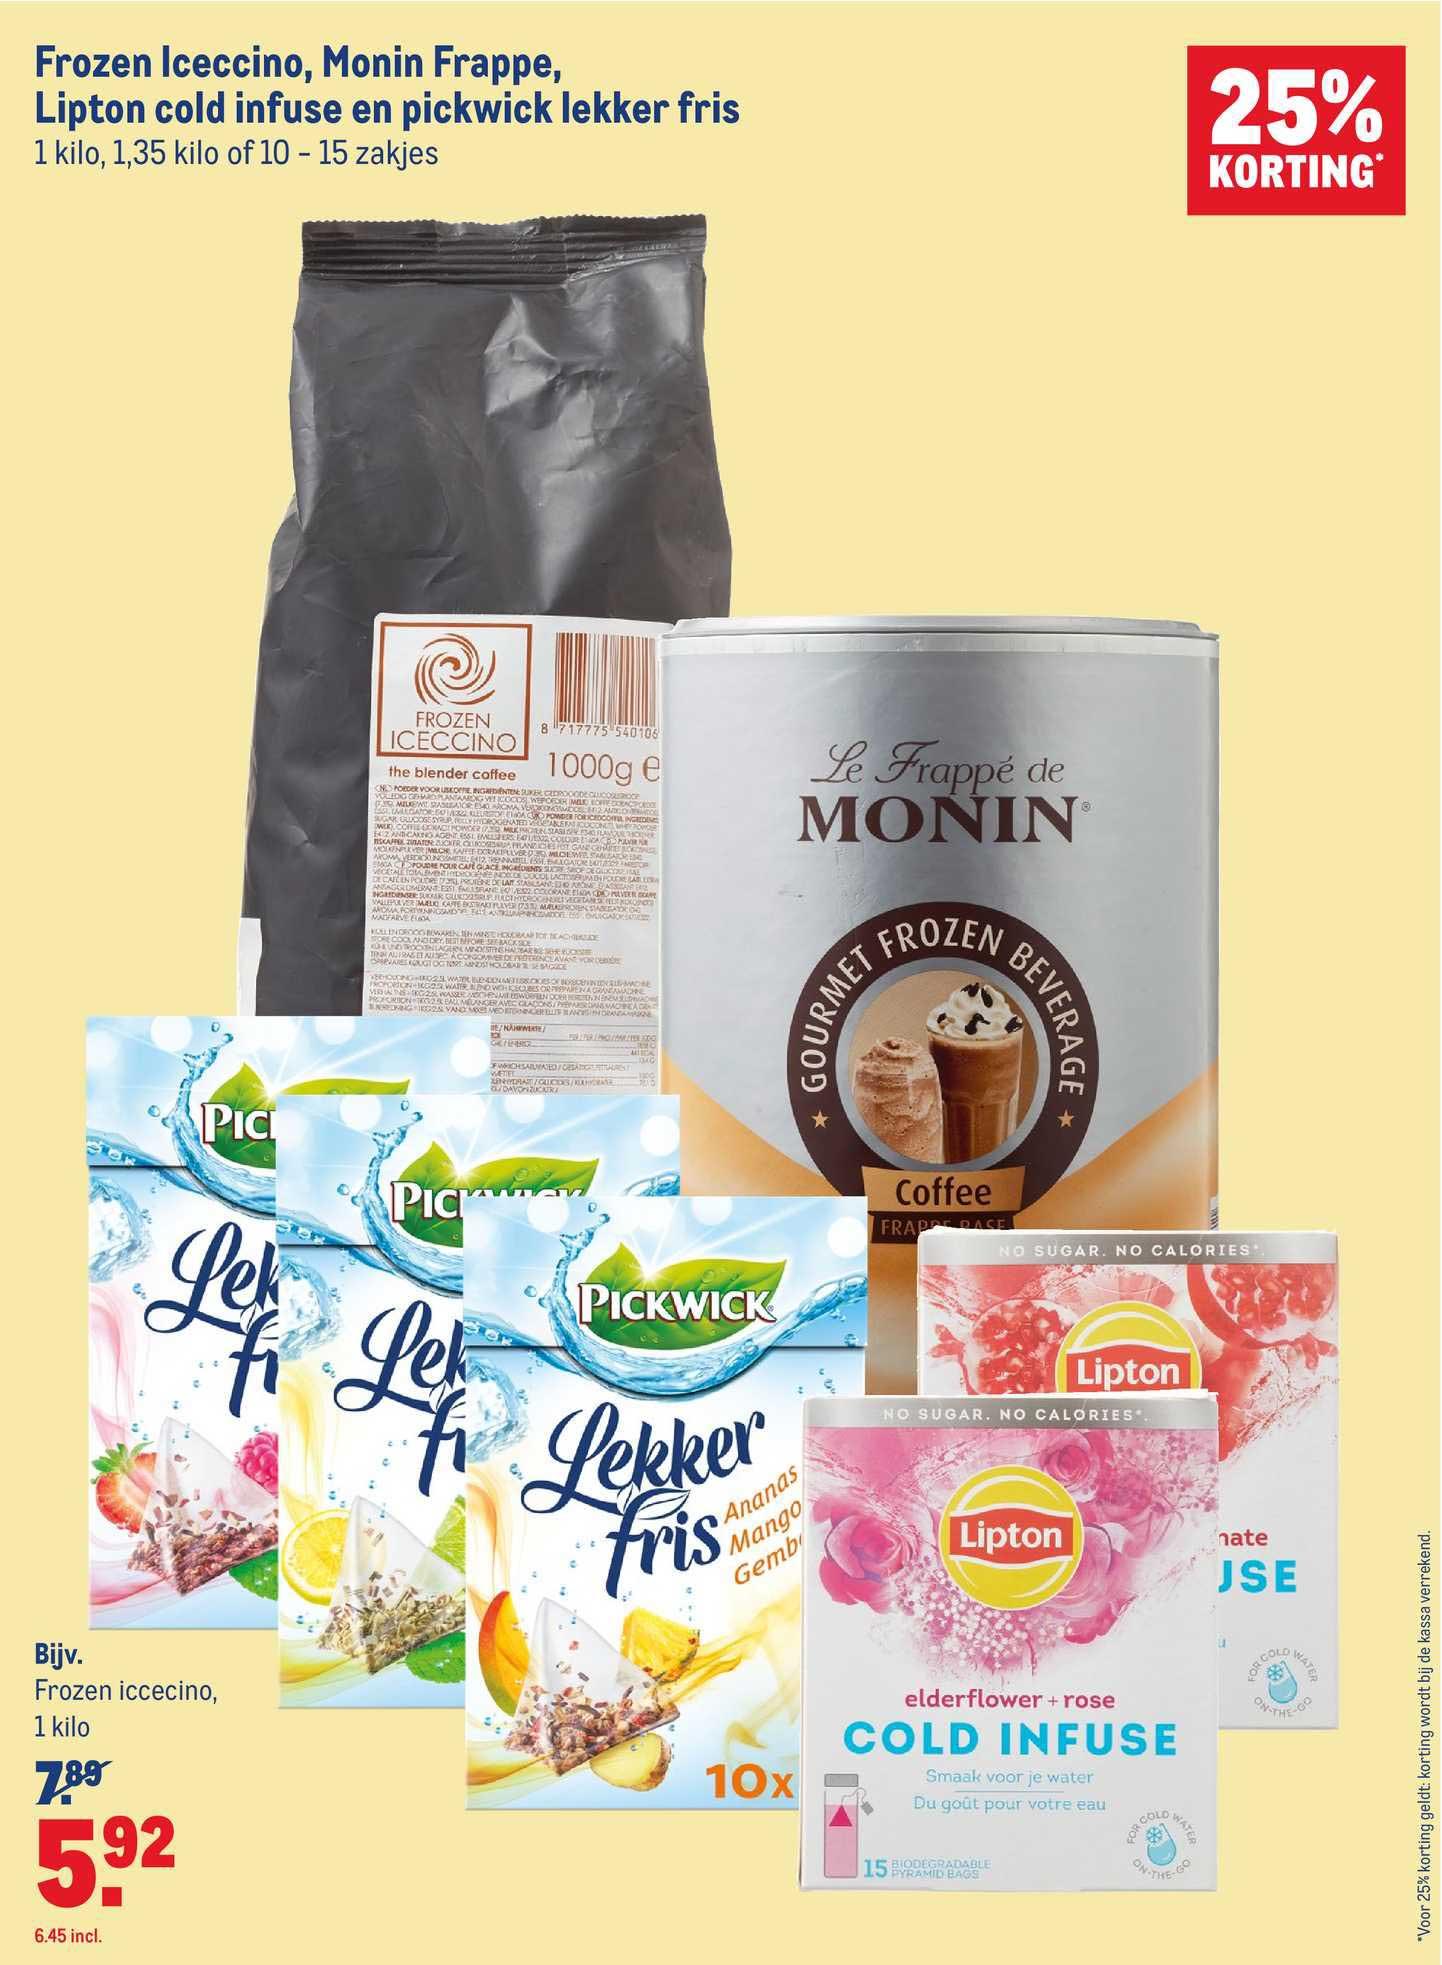 Makro Frozen Iceccino, Monin Frappe, Lipton Cold Infuse En Pickwick Lekker Fris 25% Korting